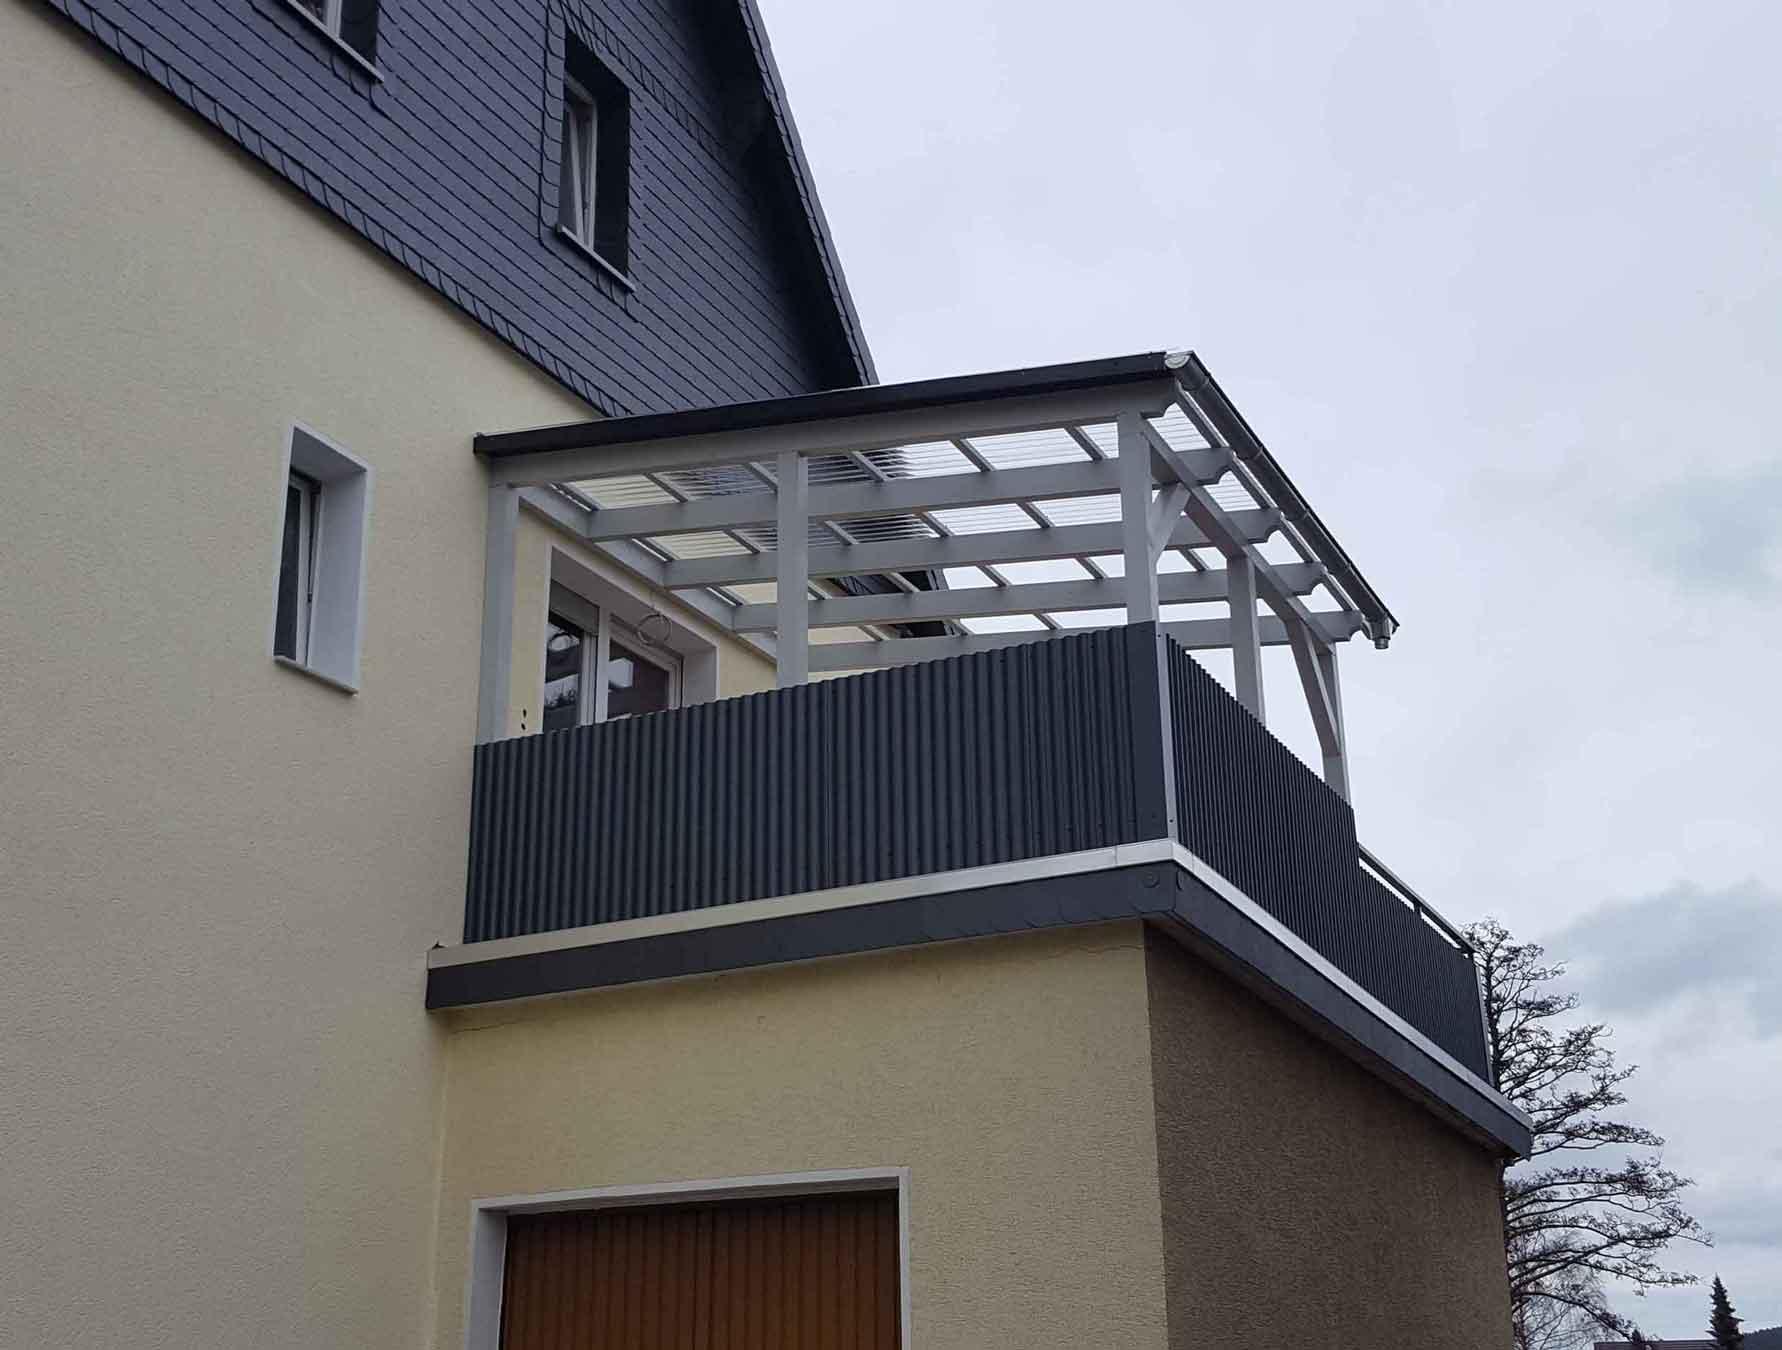 Hirsch Metallbau Balkongeländer 019 - Balkongeländer-19